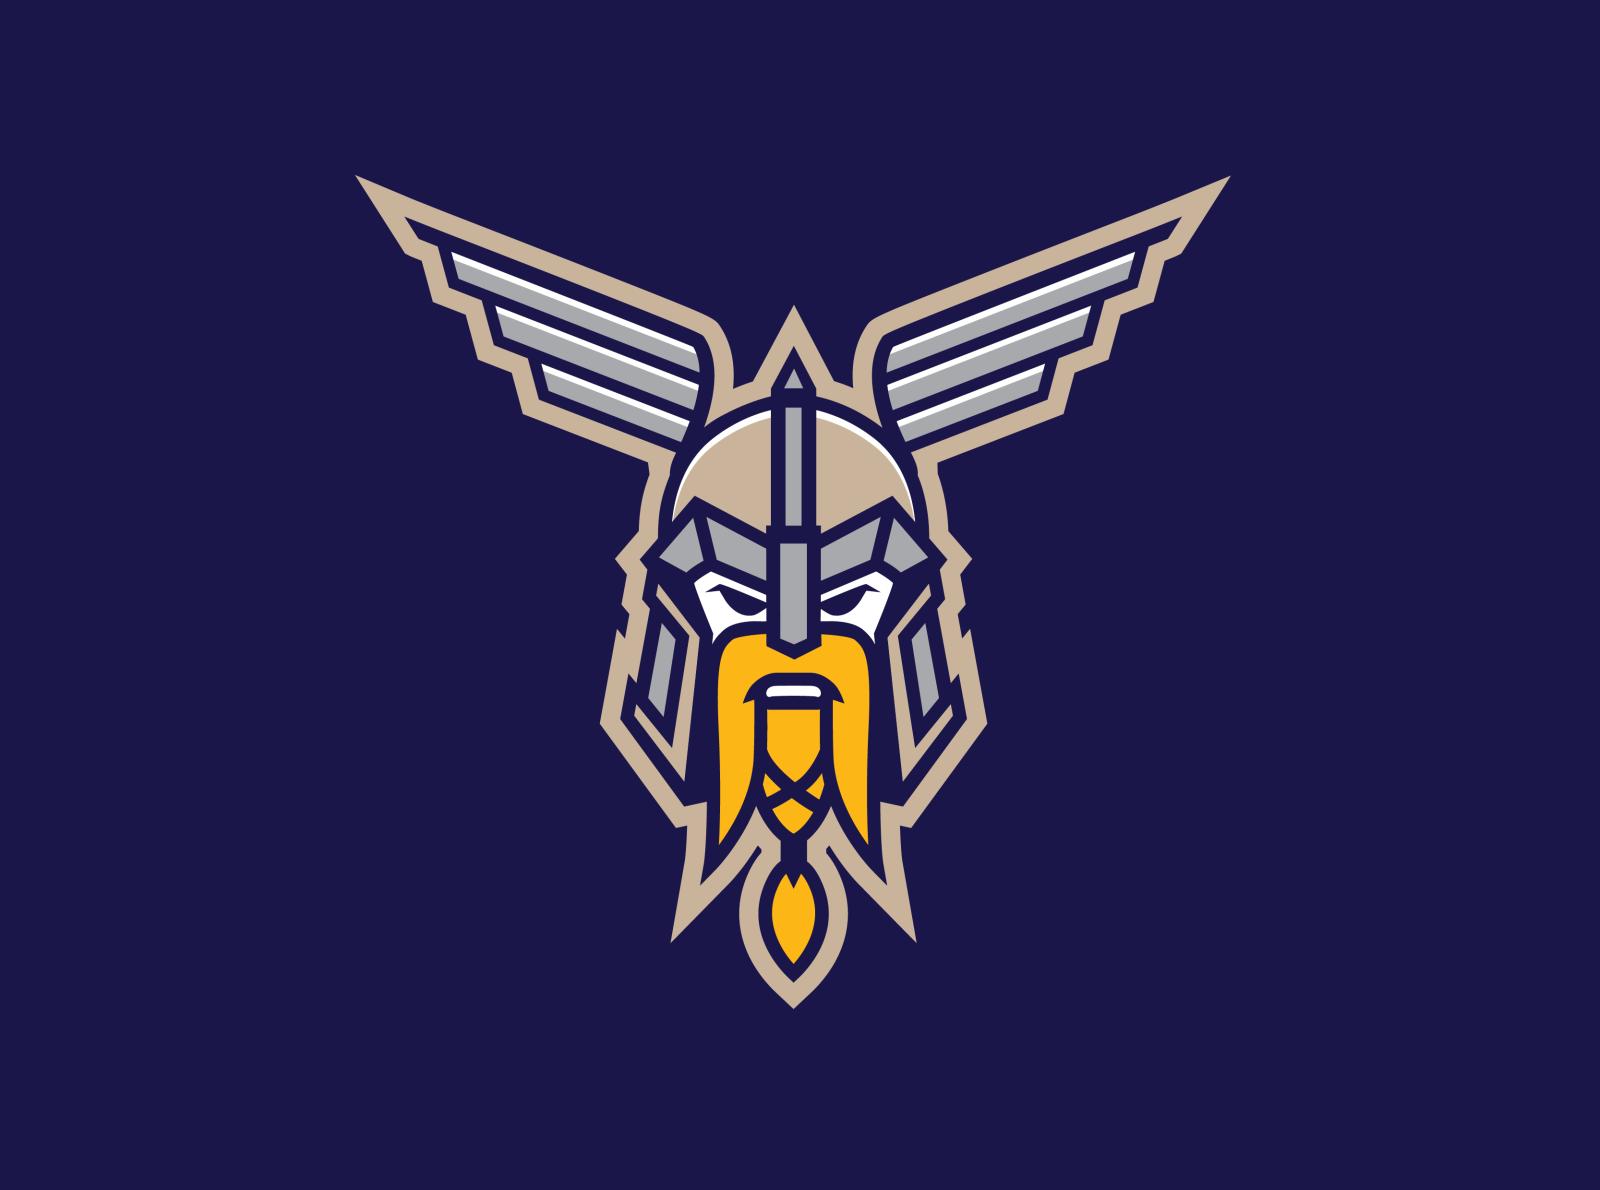 Thor Logo Logo Design Inspiration Branding Logos Thor